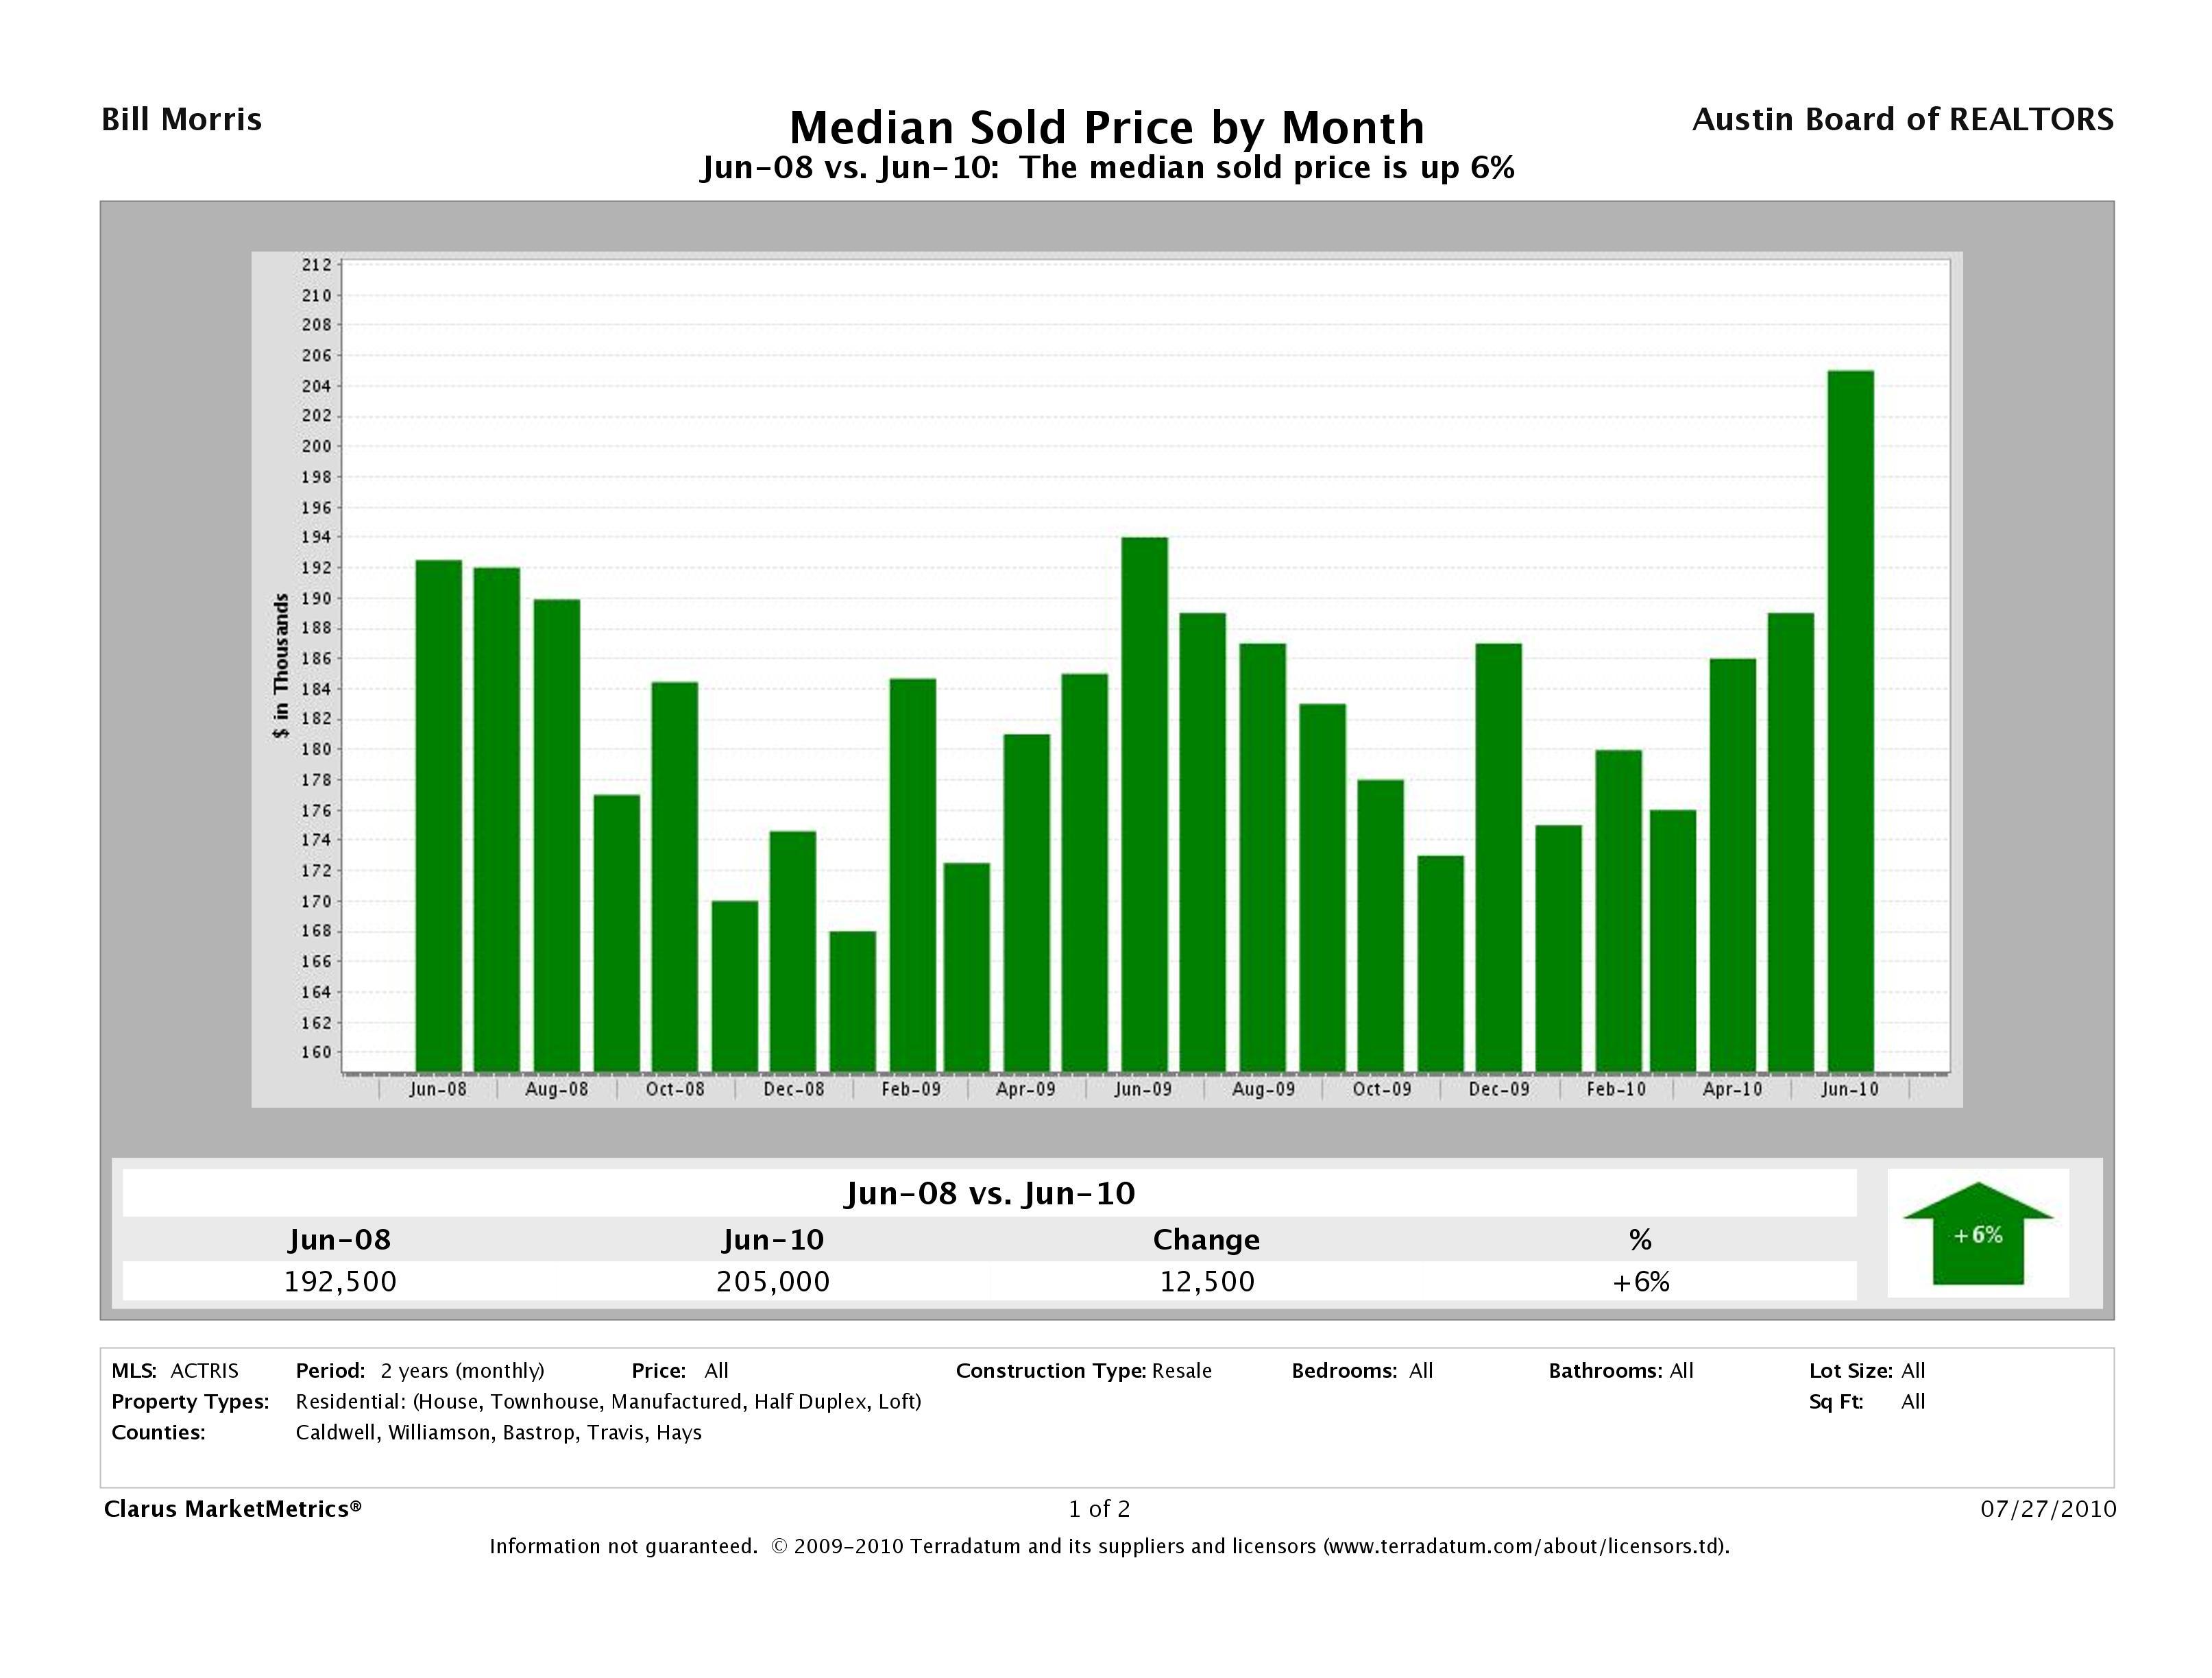 Austin Median Resale Home Prices June 2008 - June 2010